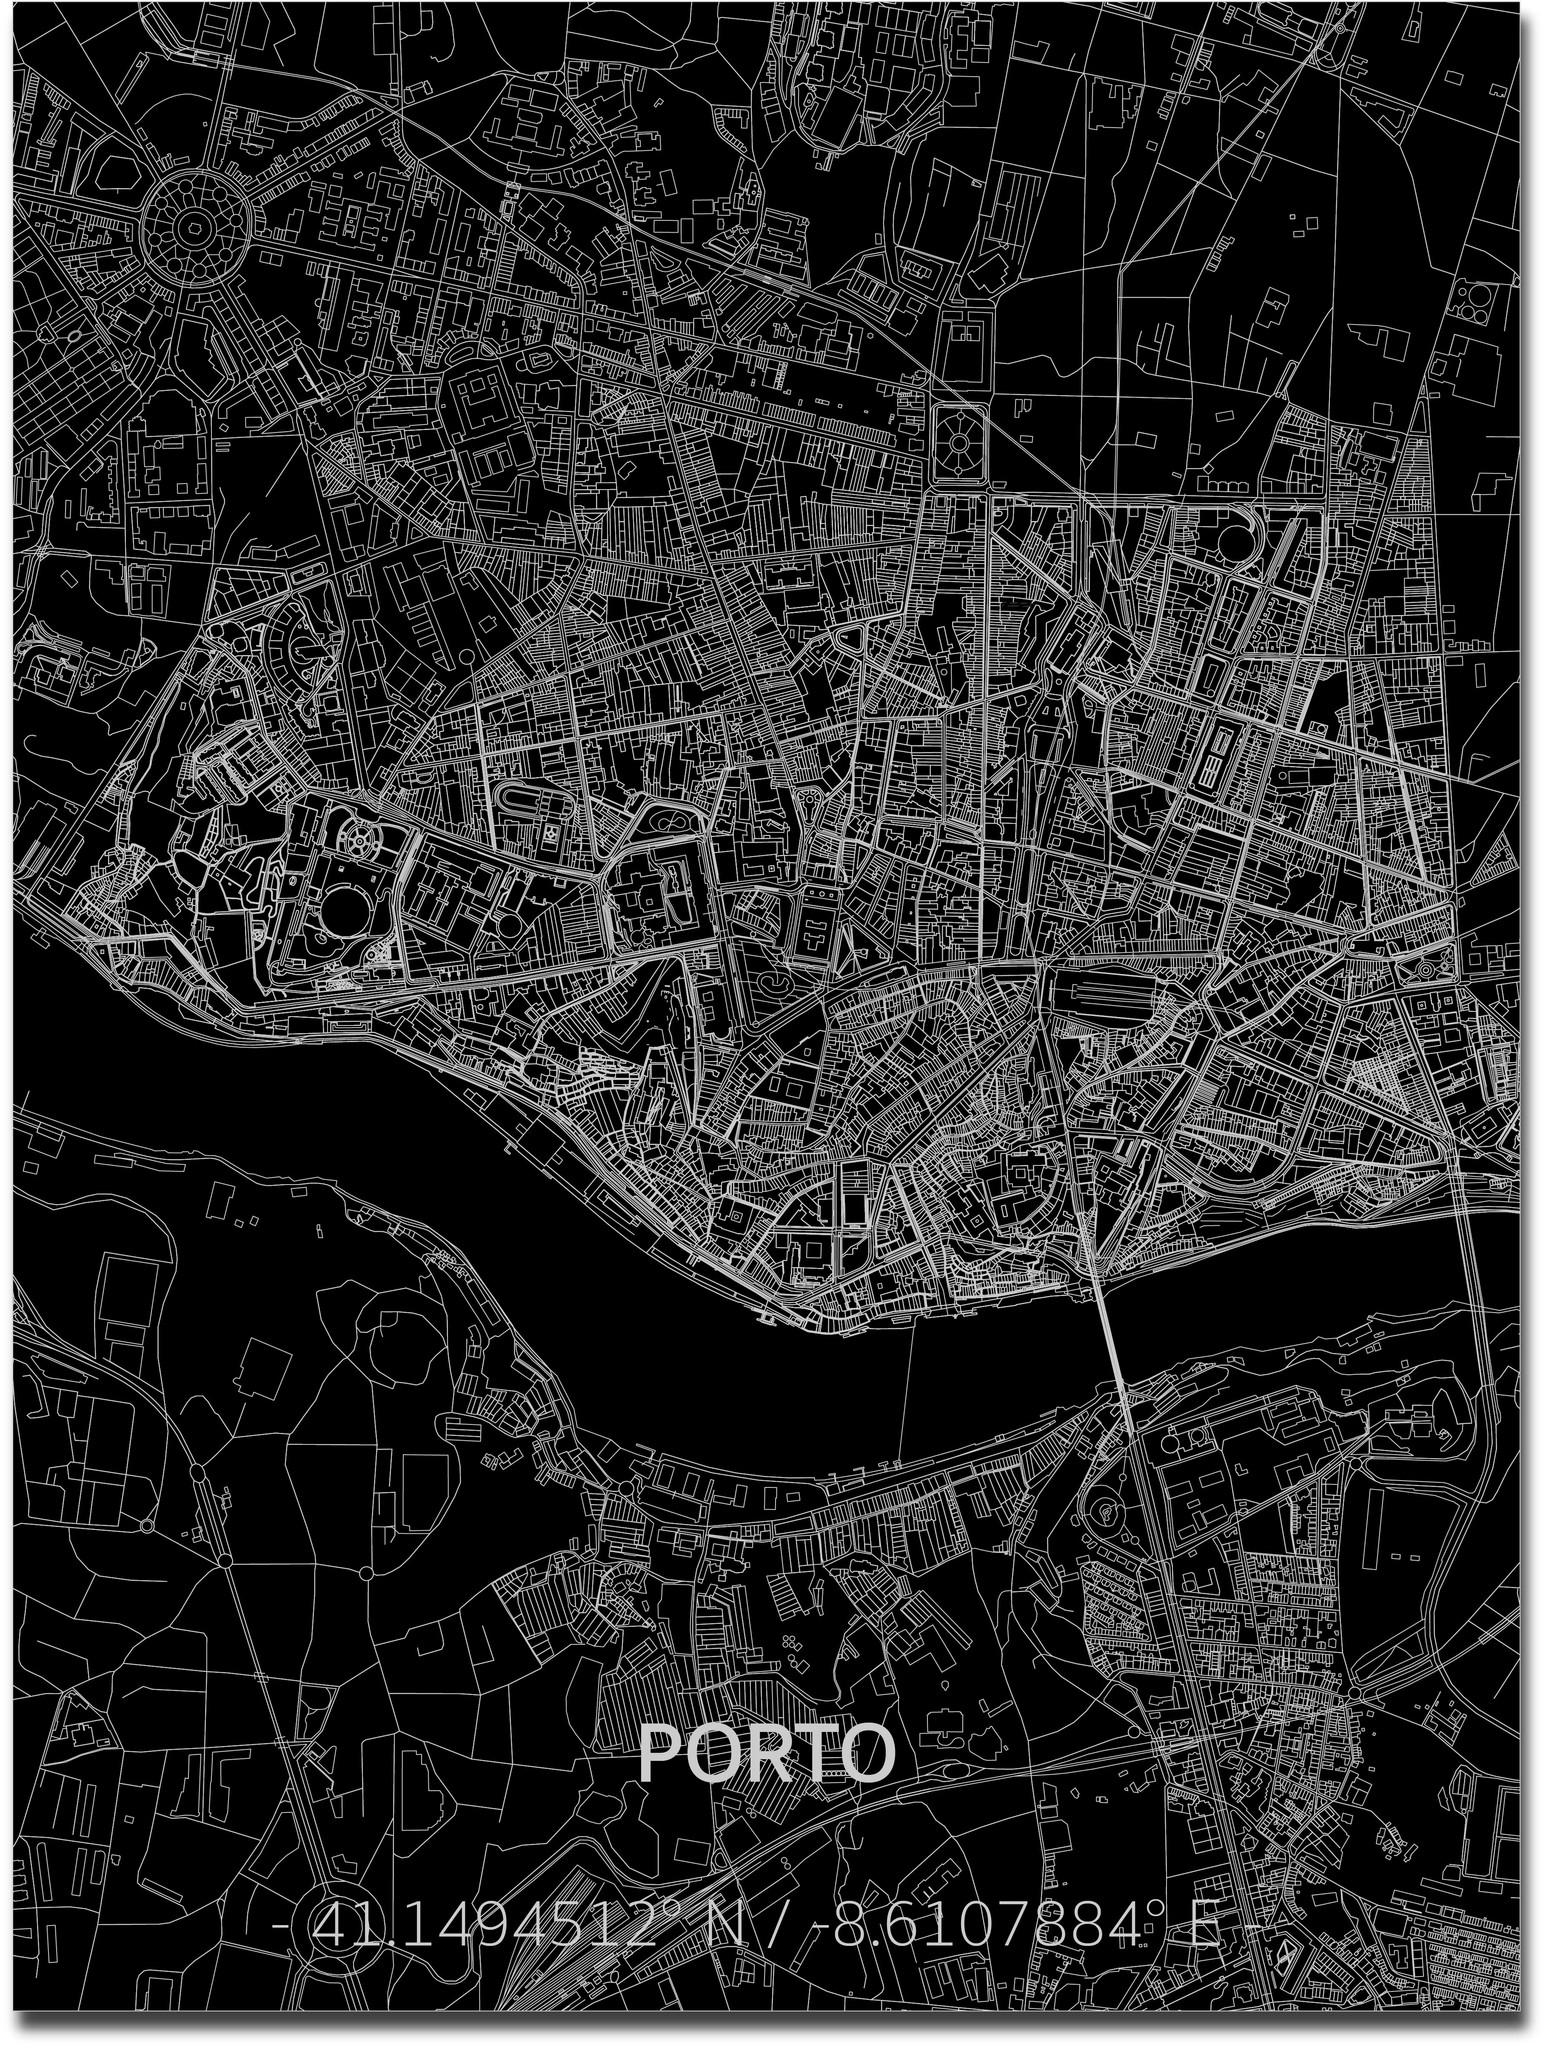 Citymap Porto | Aluminum wall decoration-1